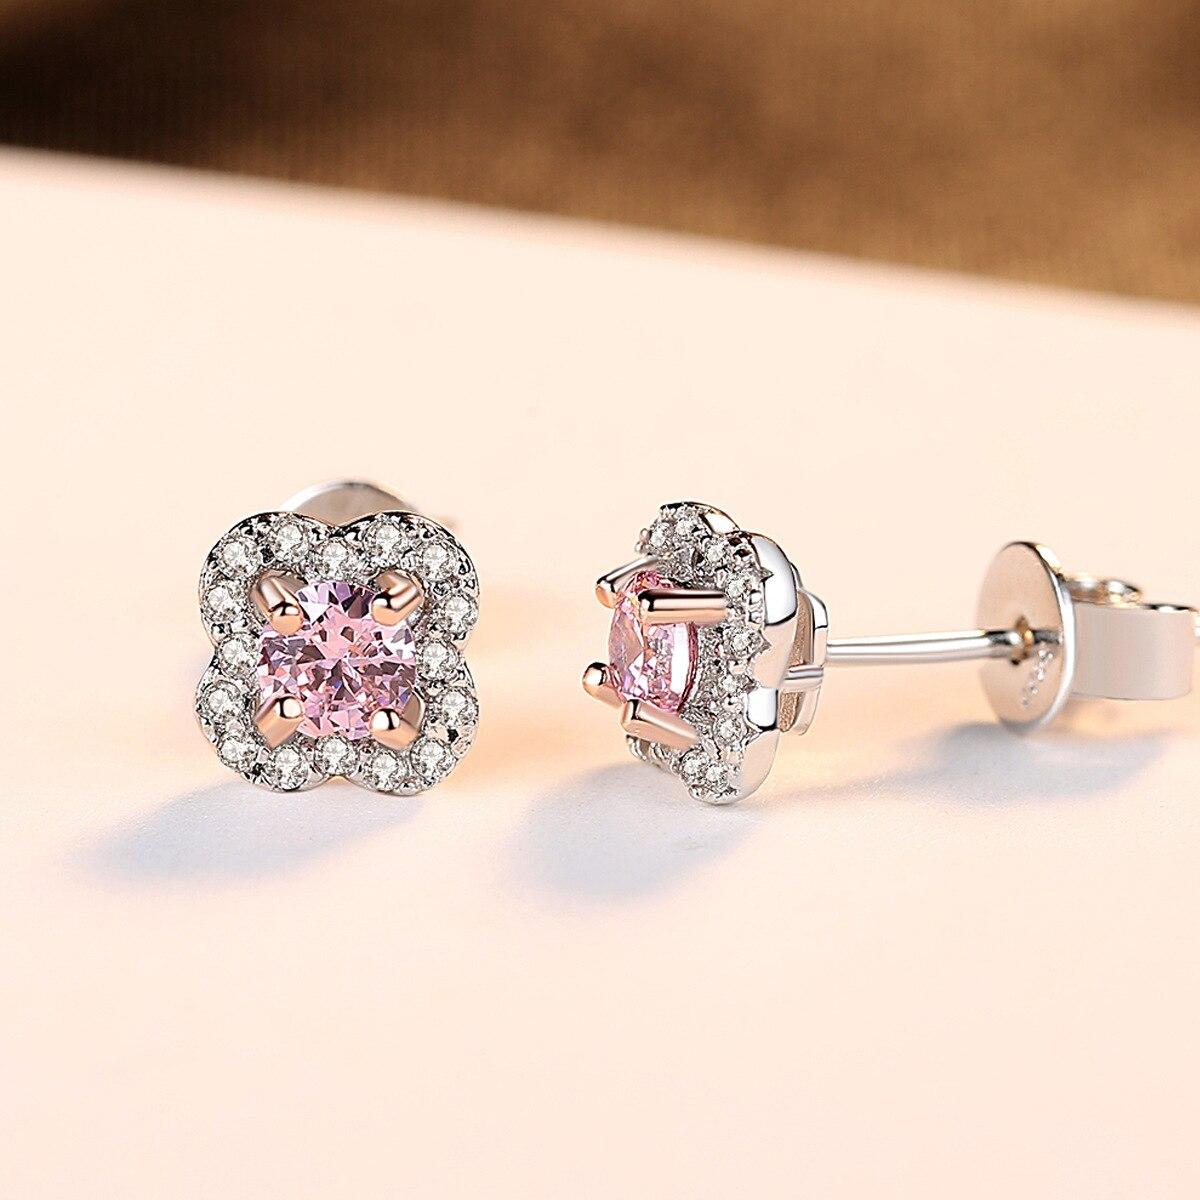 PAG & MAG AAA zircon fleur S925 pur argent oreille clou exquis mode dame boucle d'oreille bijoux en argent - 4